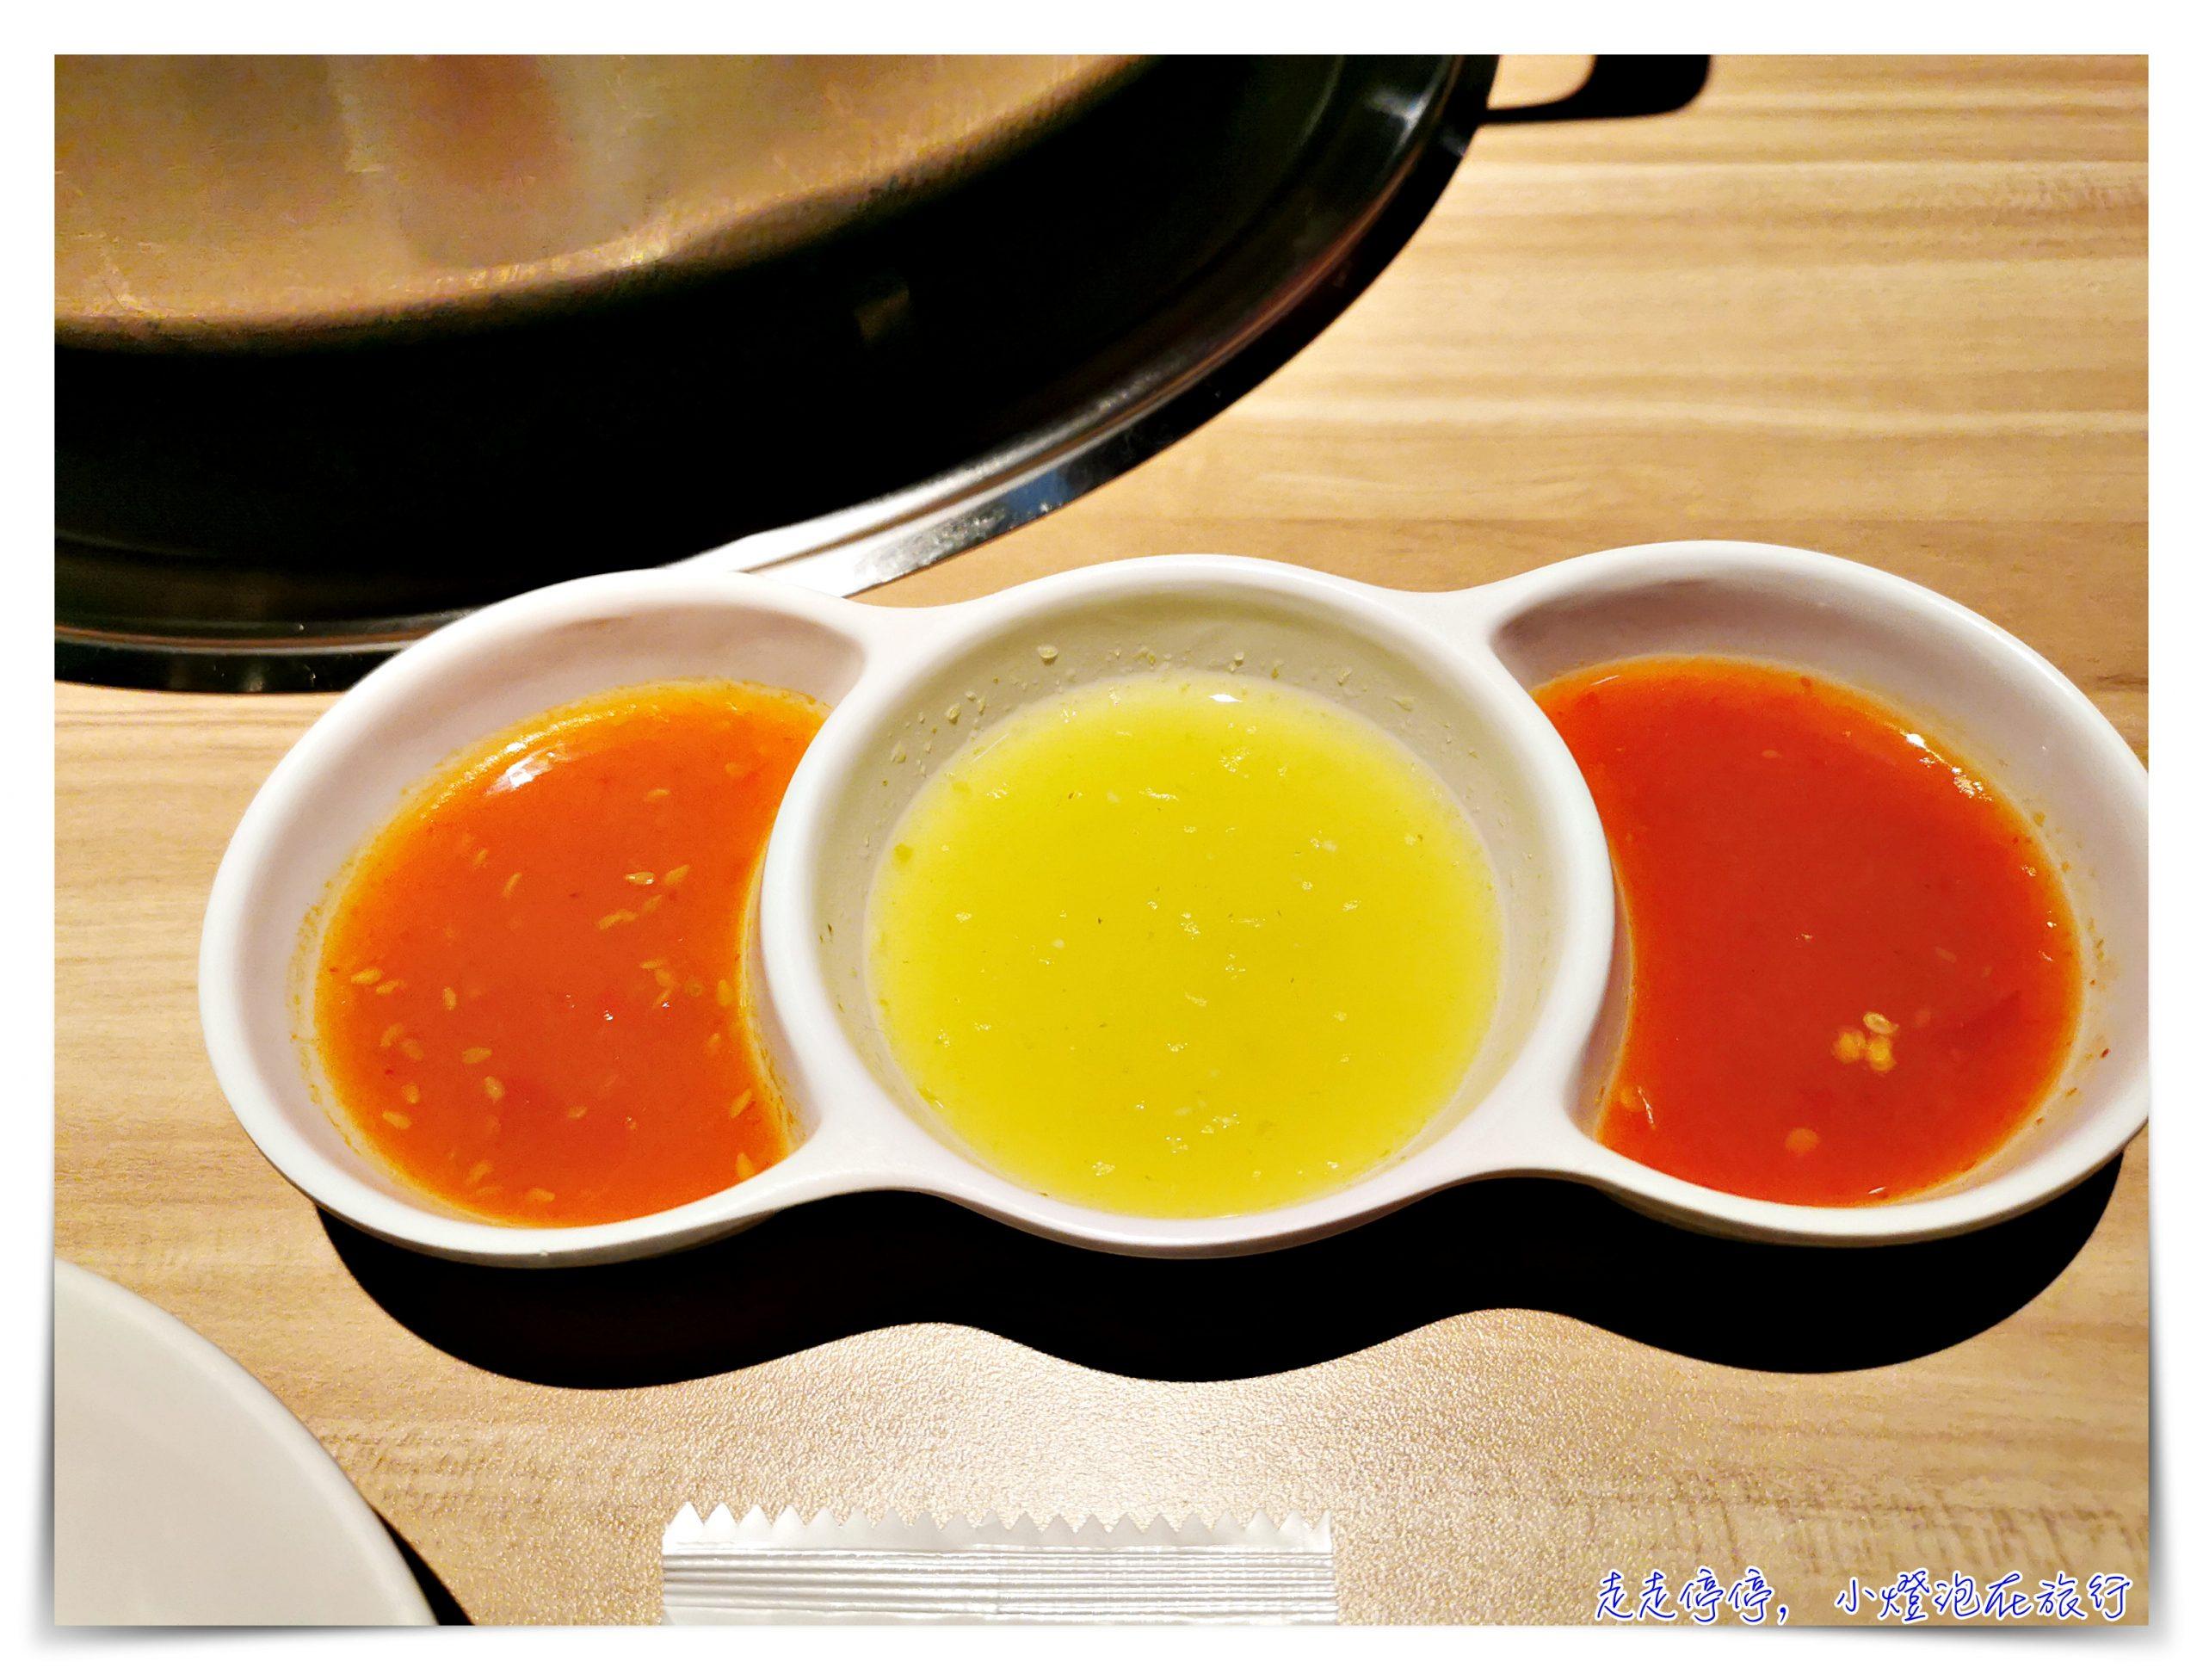 泰滾泰式火鍋|這一年來我最愛的火鍋店,食材新鮮、湯頭好、服務超好、連平日都客滿~